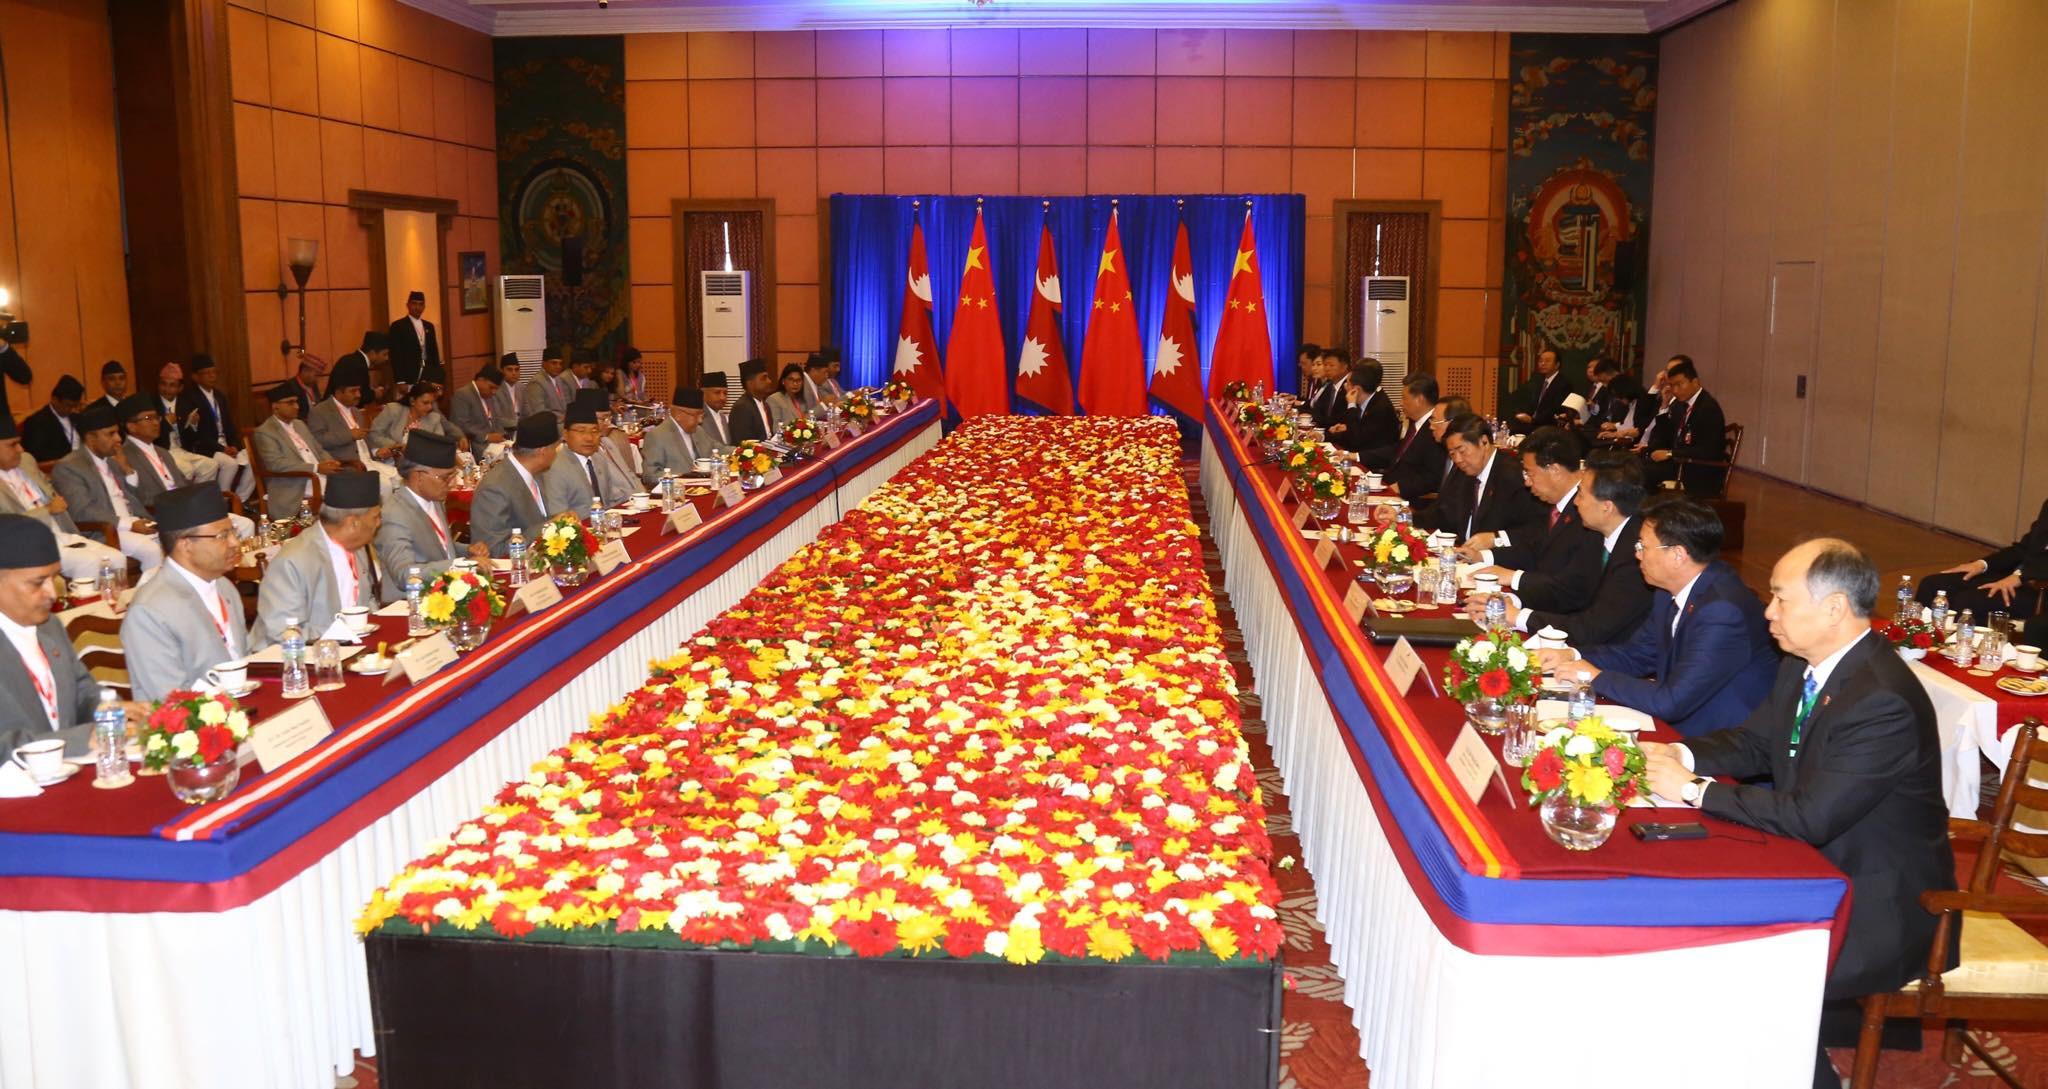 नेपाल-चीनले सुरूङ बनाउने संयुक्त कम्पनी स्थापना गर्ने